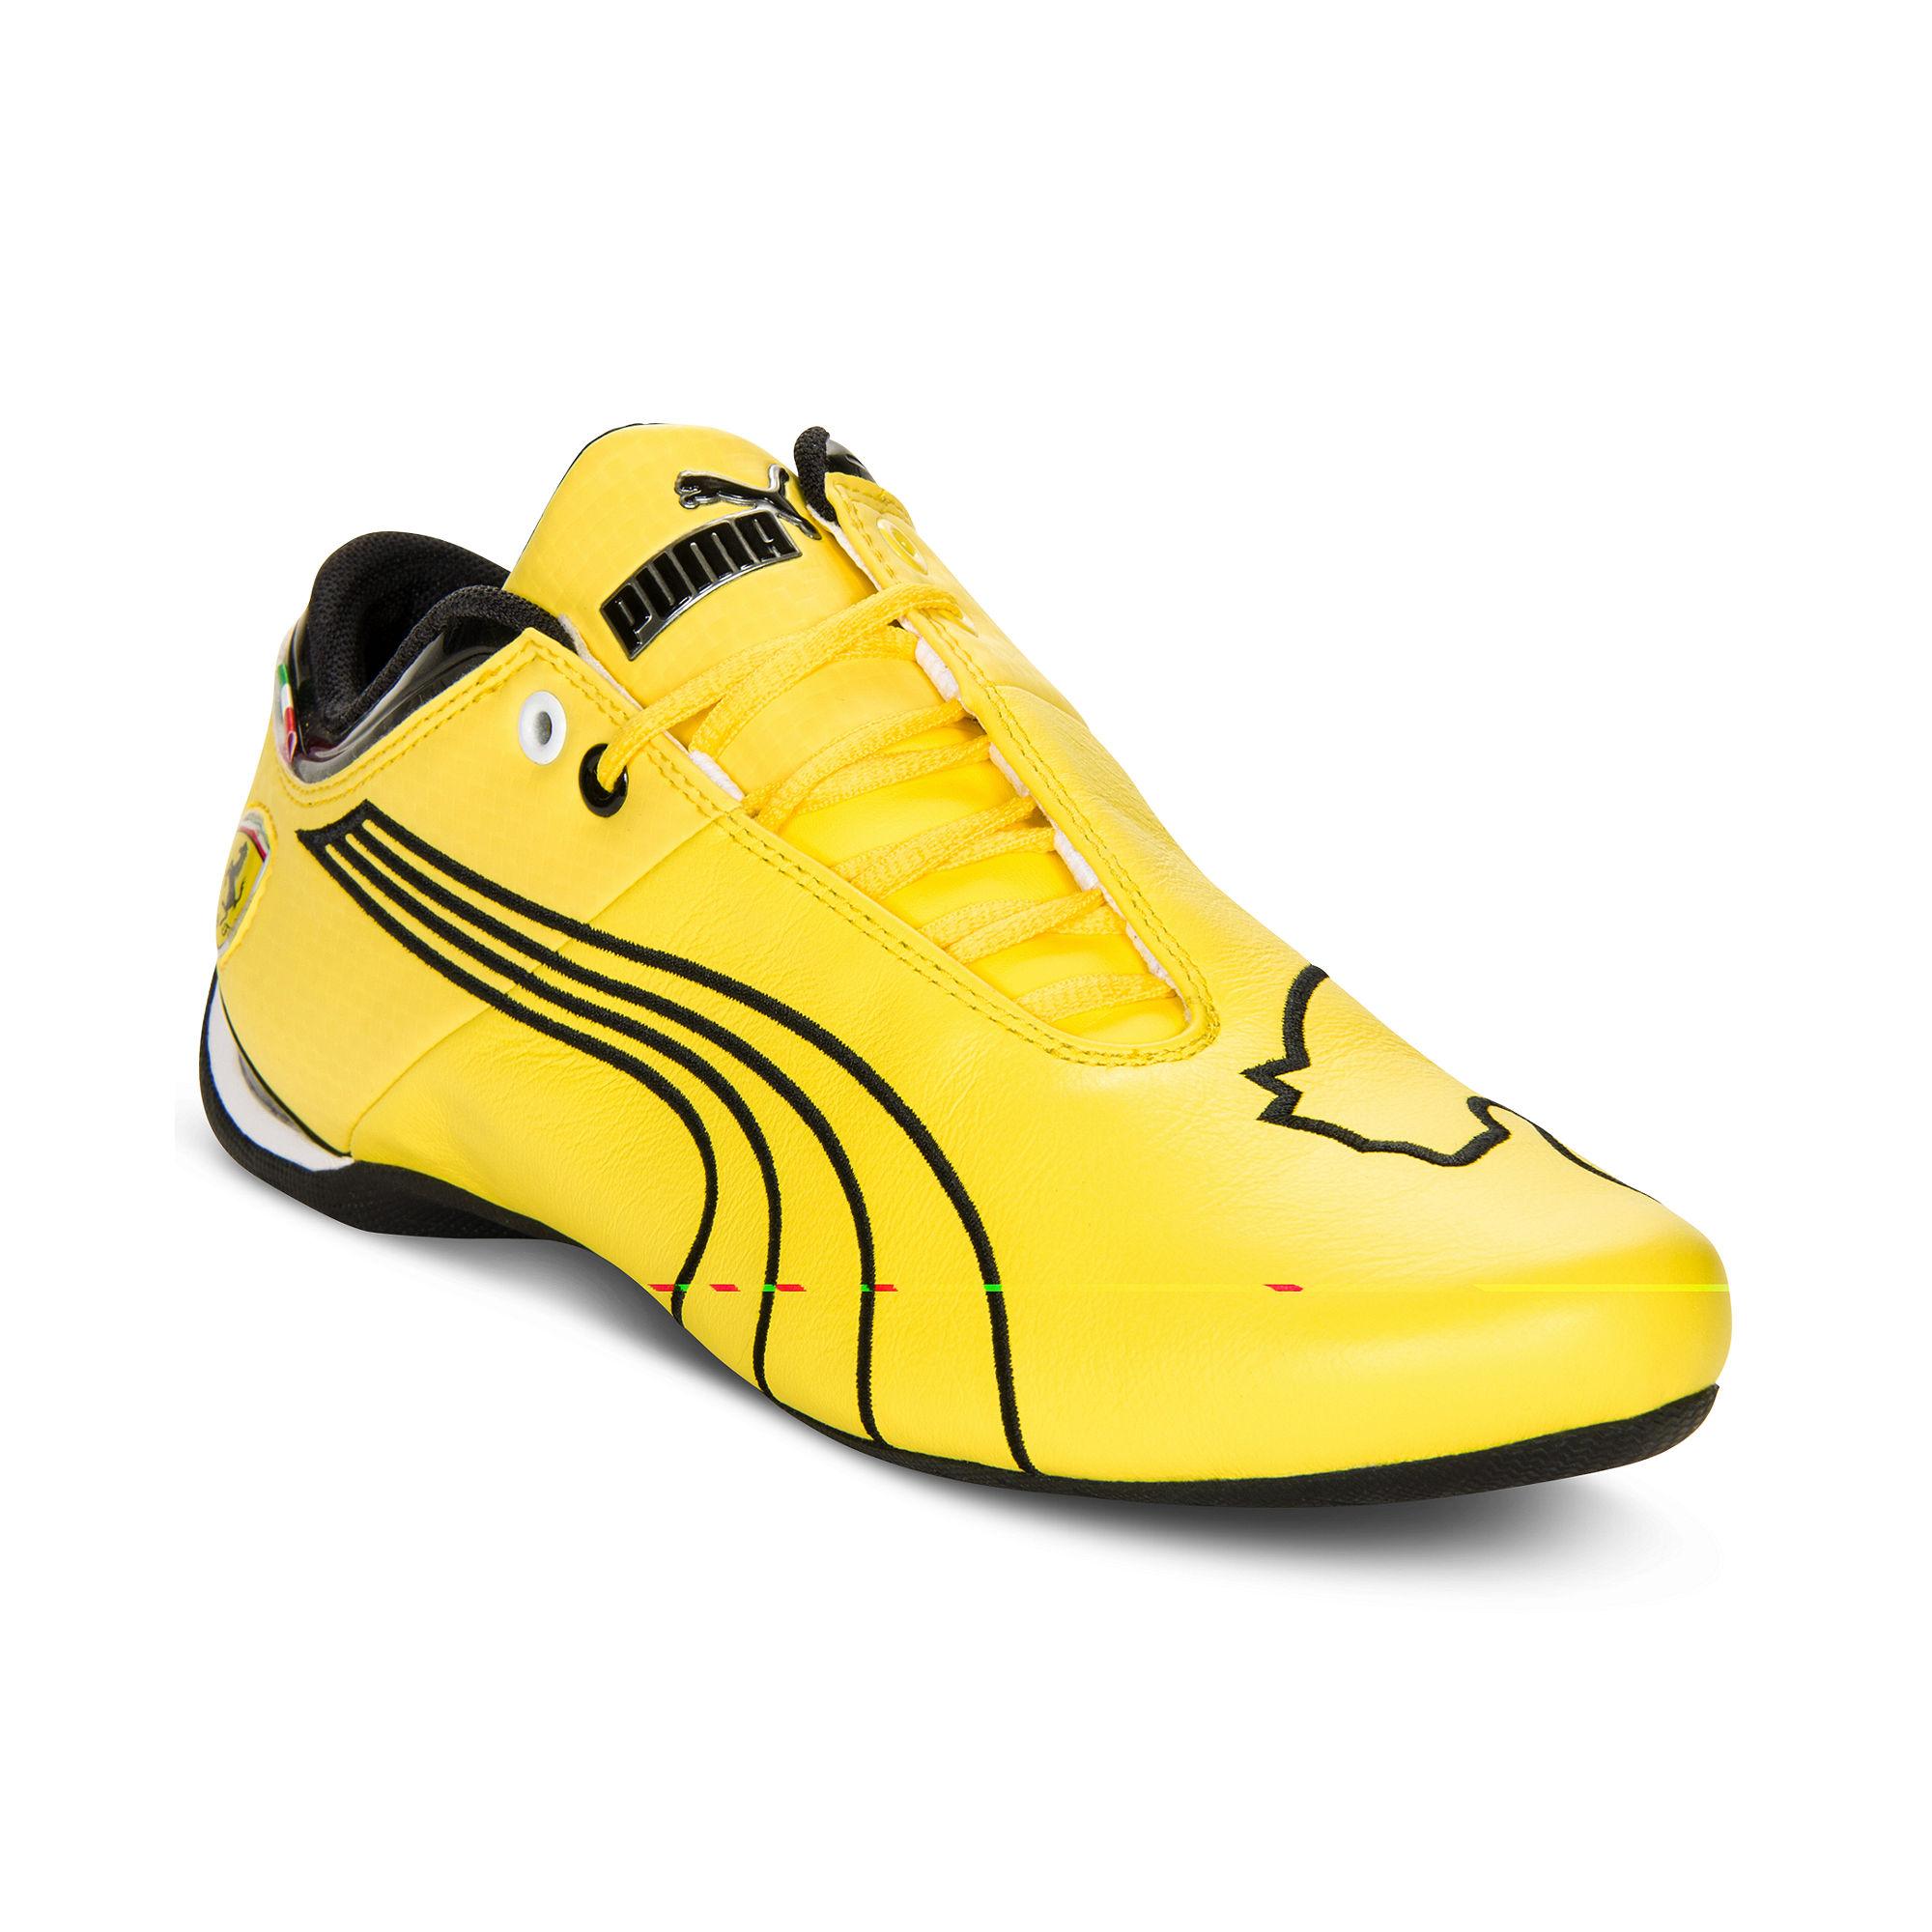 749a9ecf3324 Lyst - PUMA Future Cat M1 Big Sf Nm Sneakers in Yellow for Men